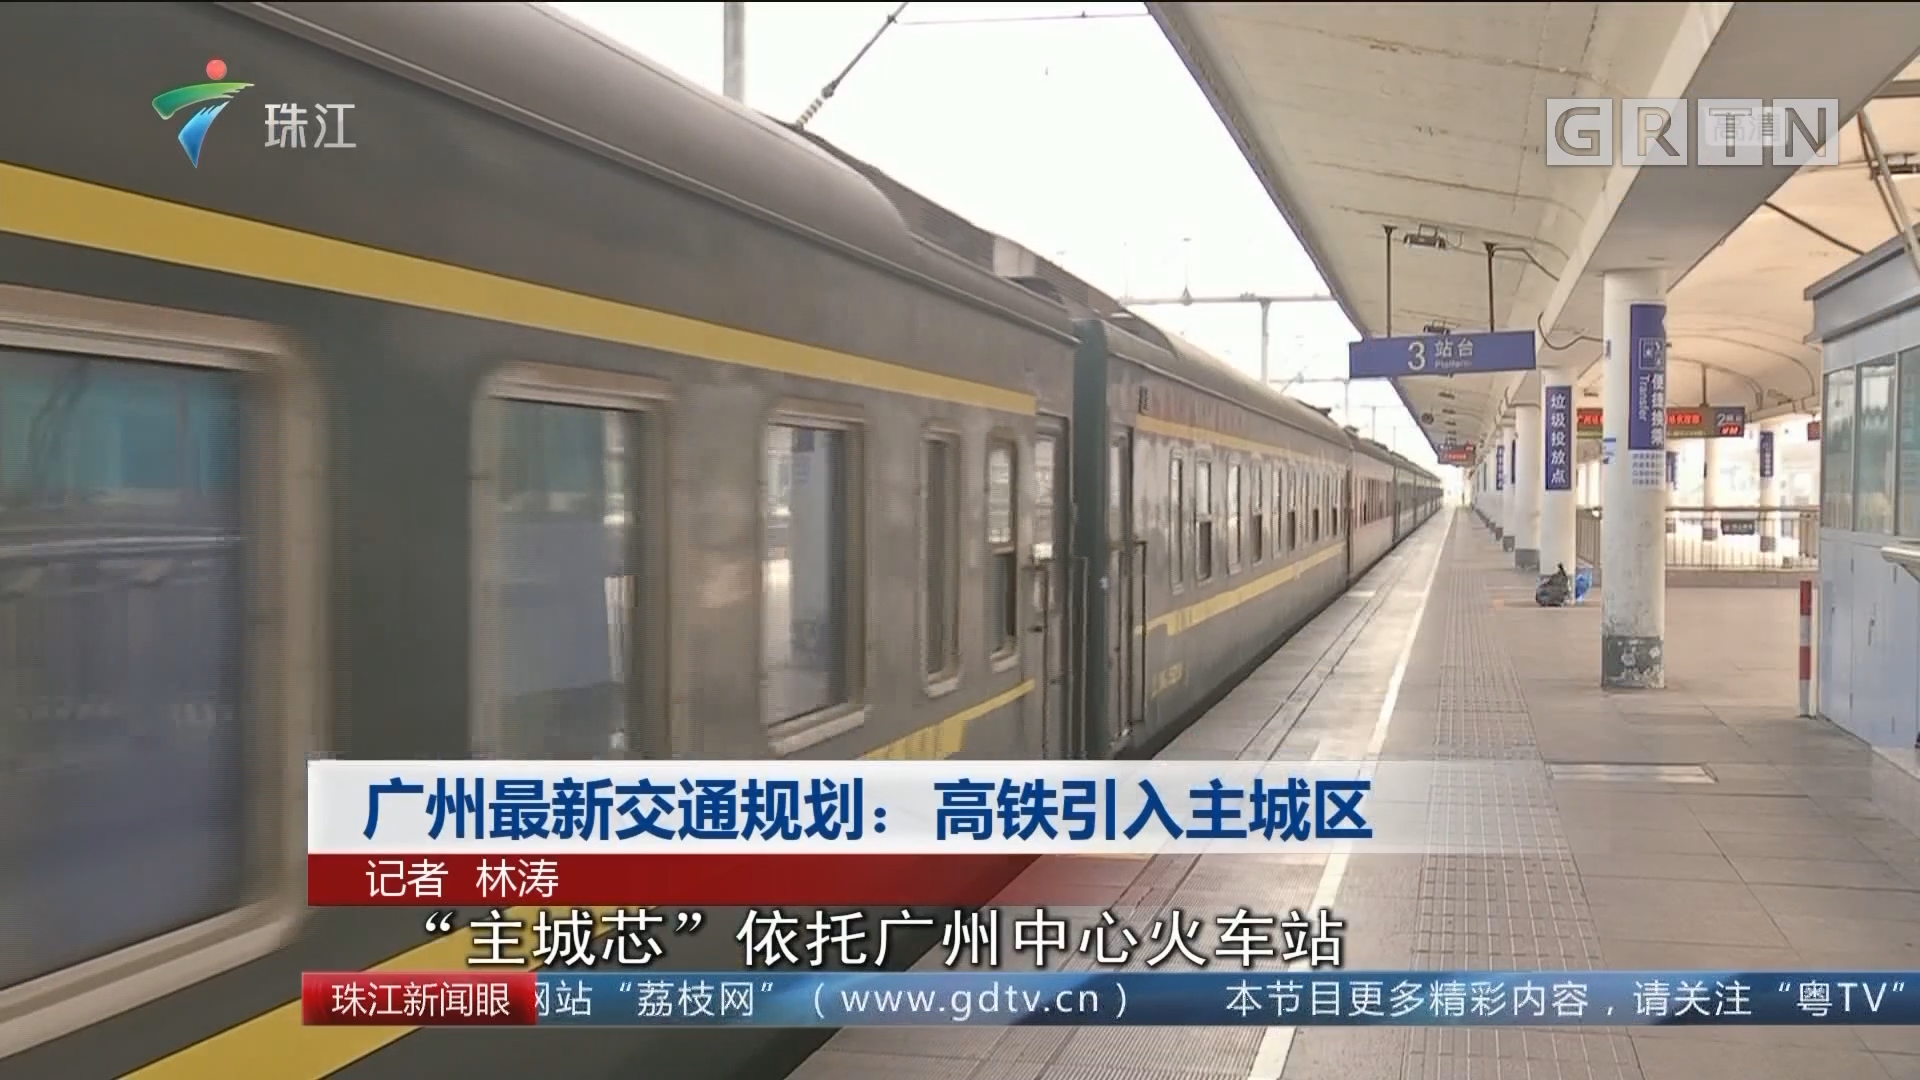 广州最新交通规则:高铁引入主城区